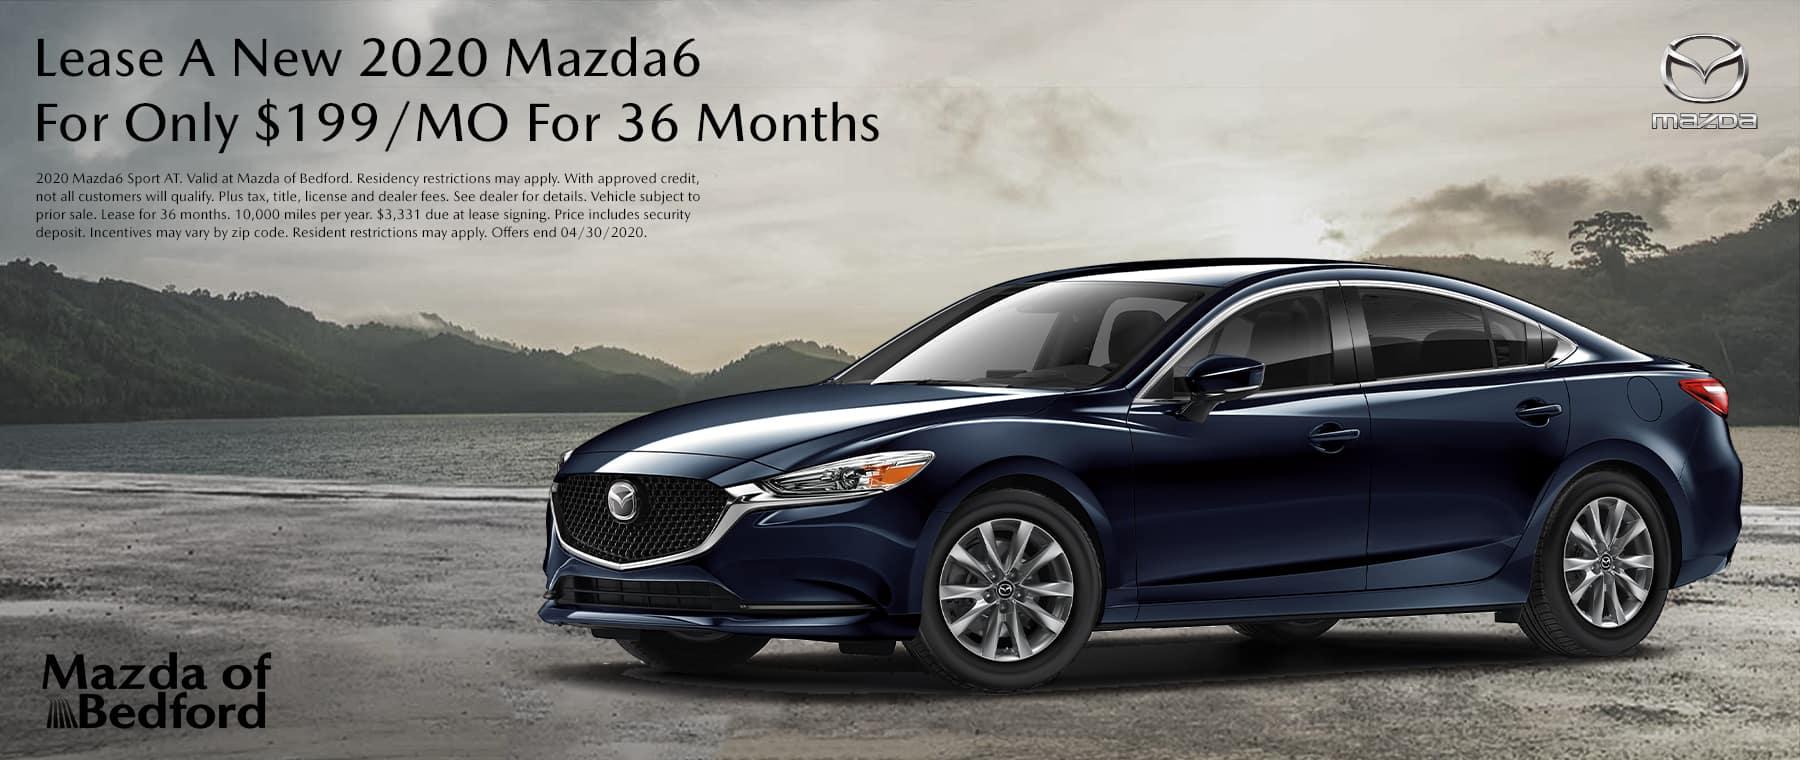 2020 Mazda6 - Mazda of Bedford - Bedford, OH